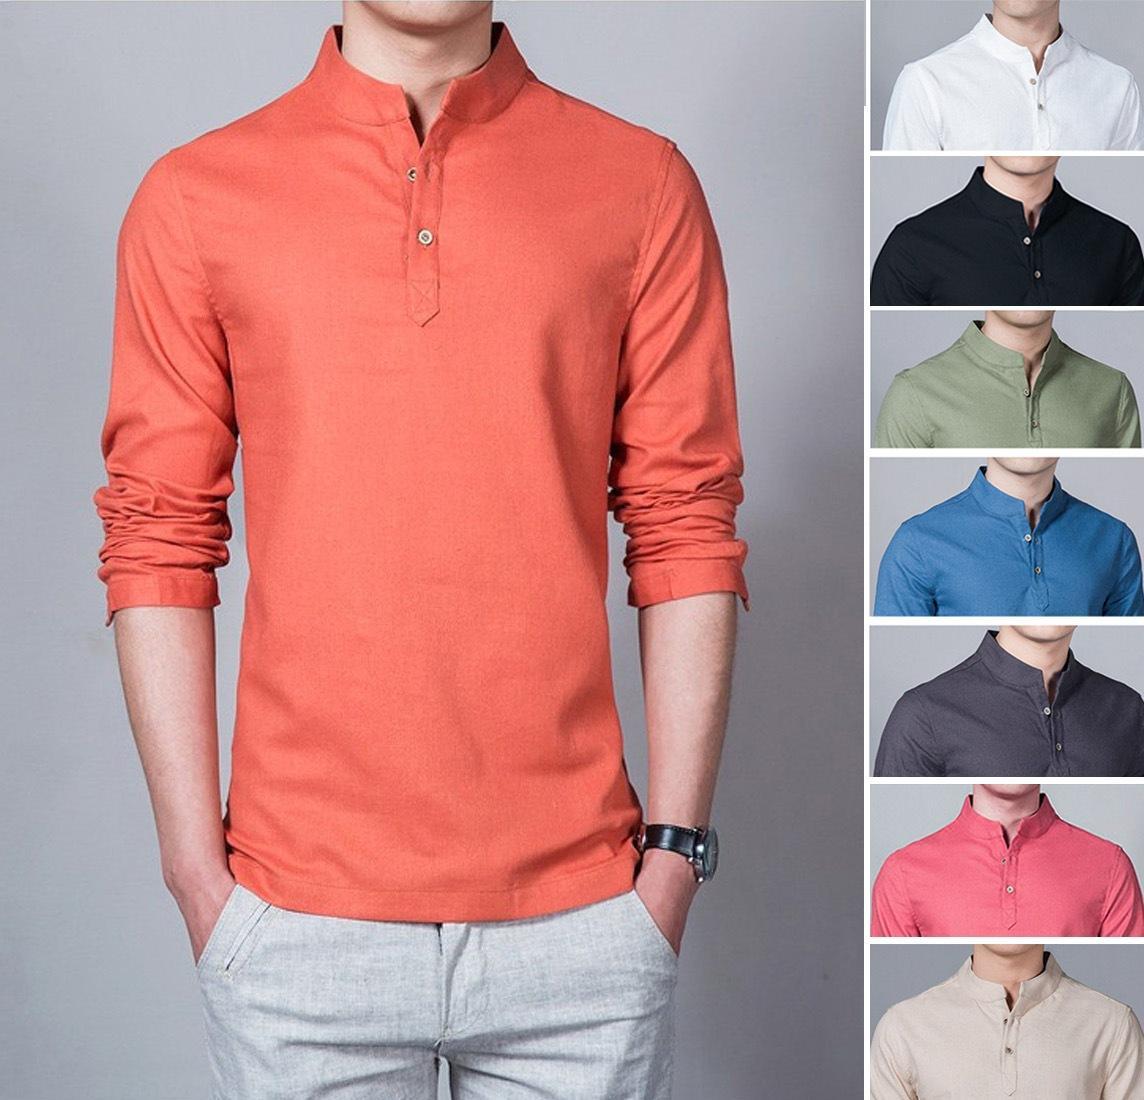 Baju Kemeja Koko Shaquile Orange Polos. Kemeja Muslim Pria Simple Nyaman Di Pakai. Promo